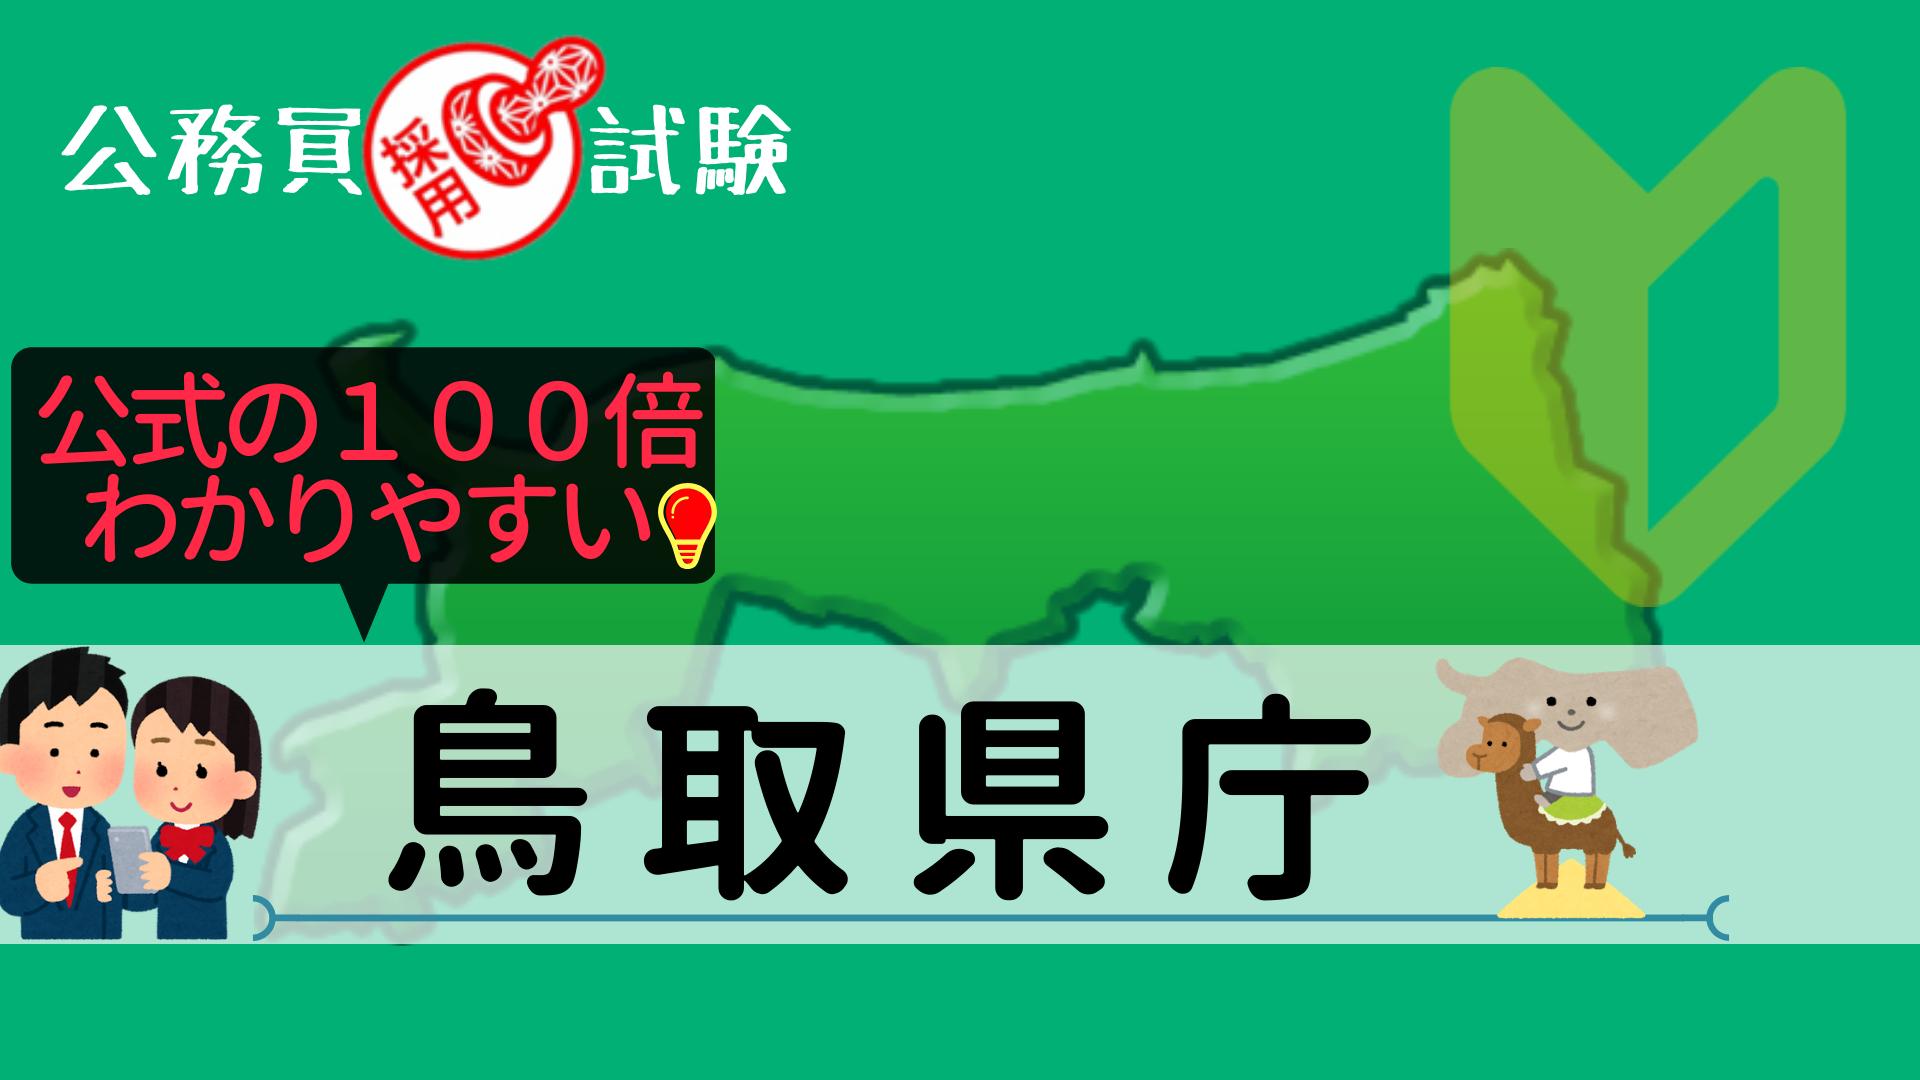 鳥取県庁の公務員採用試験について